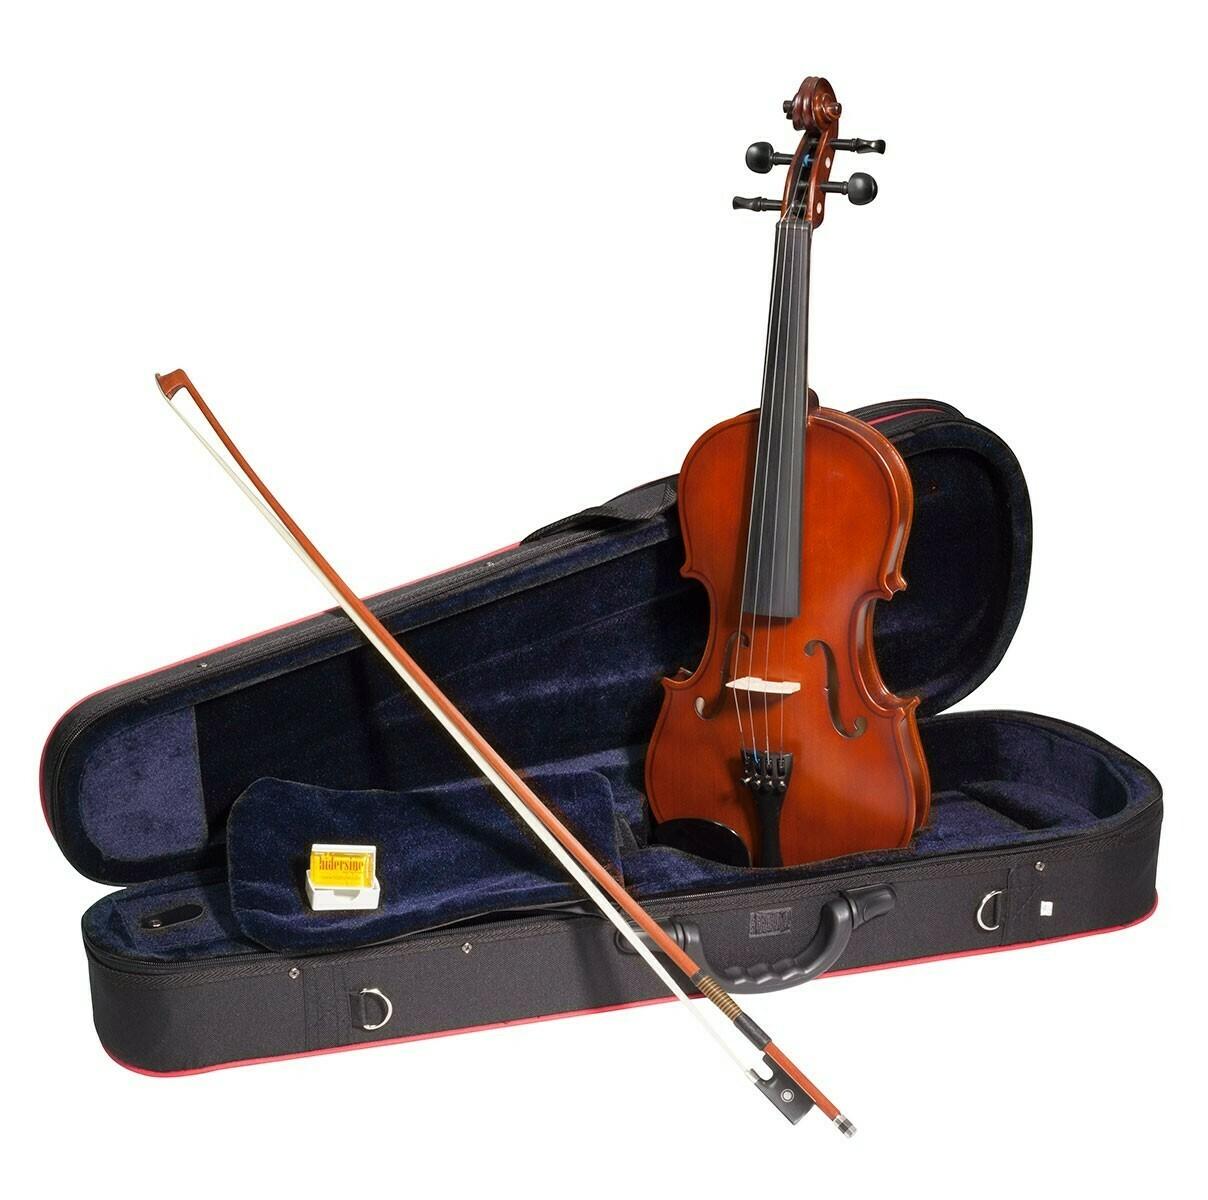 Hidersine Inizio Violin Outfit (3/4 Size)